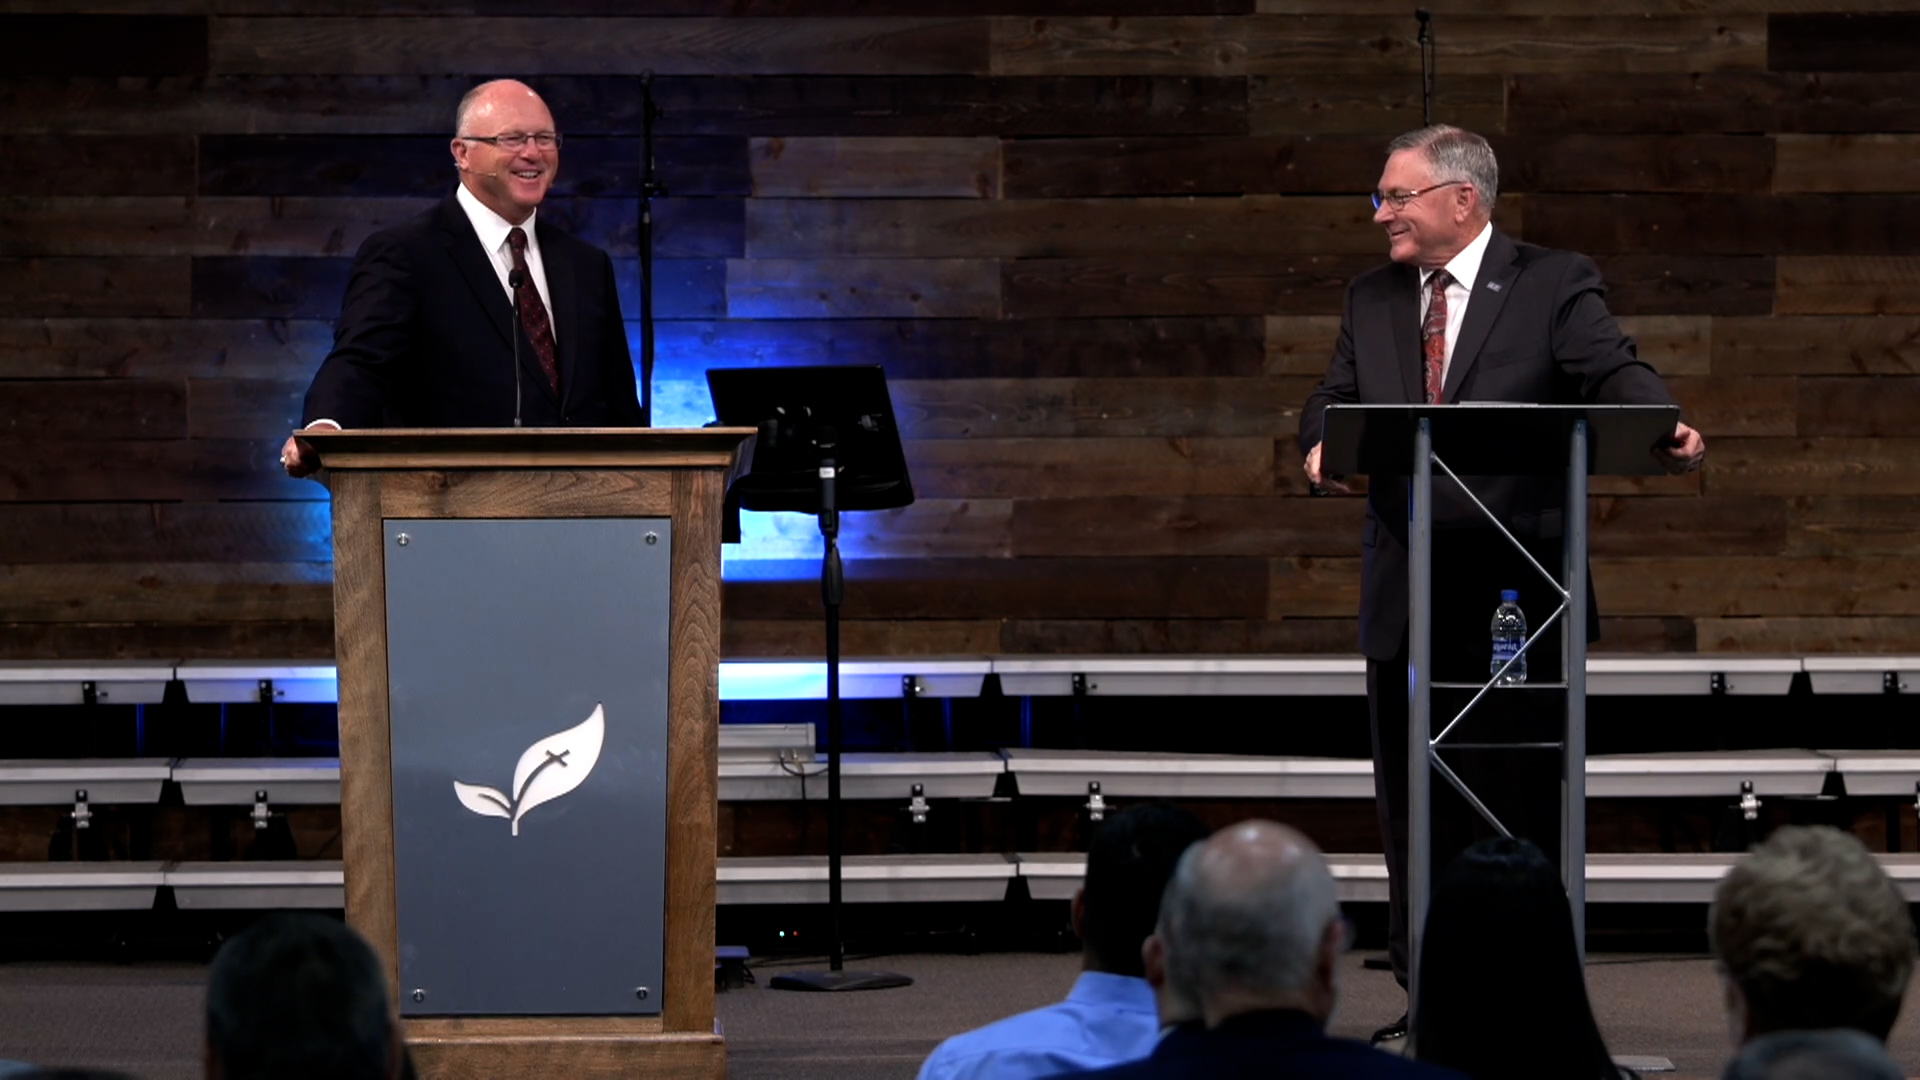 Pastor Paul Chappell: A Faithful God